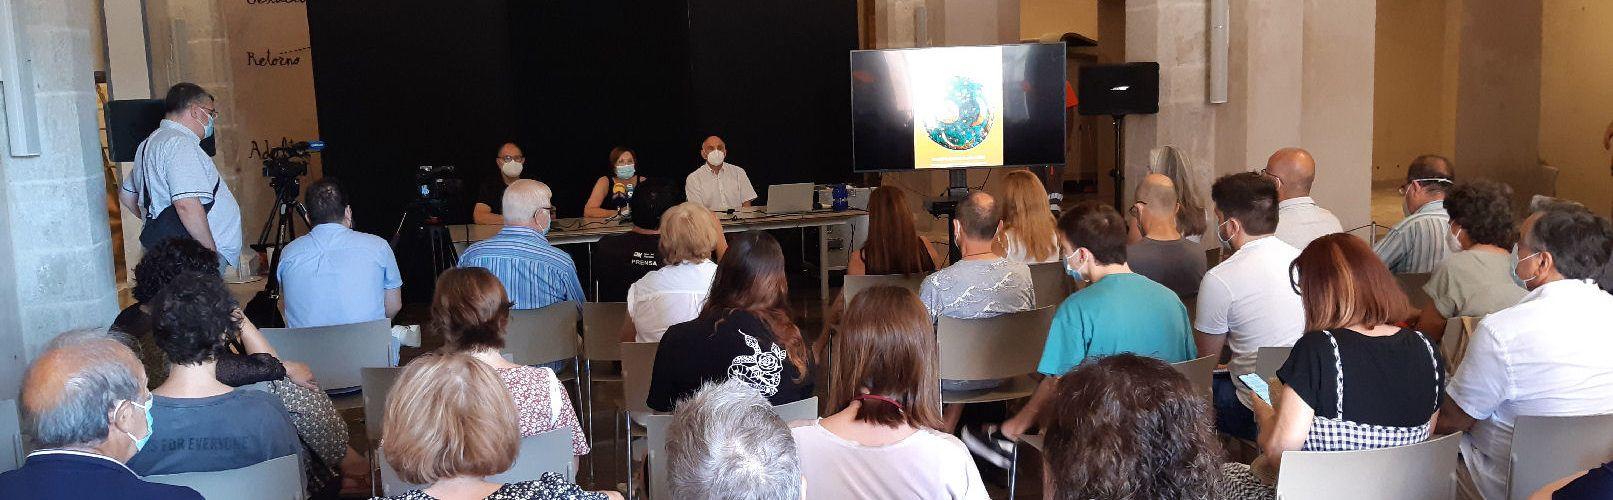 Benicarló acull una nova edició dels cursos d'estiu sobre arqueologia i antiguitat